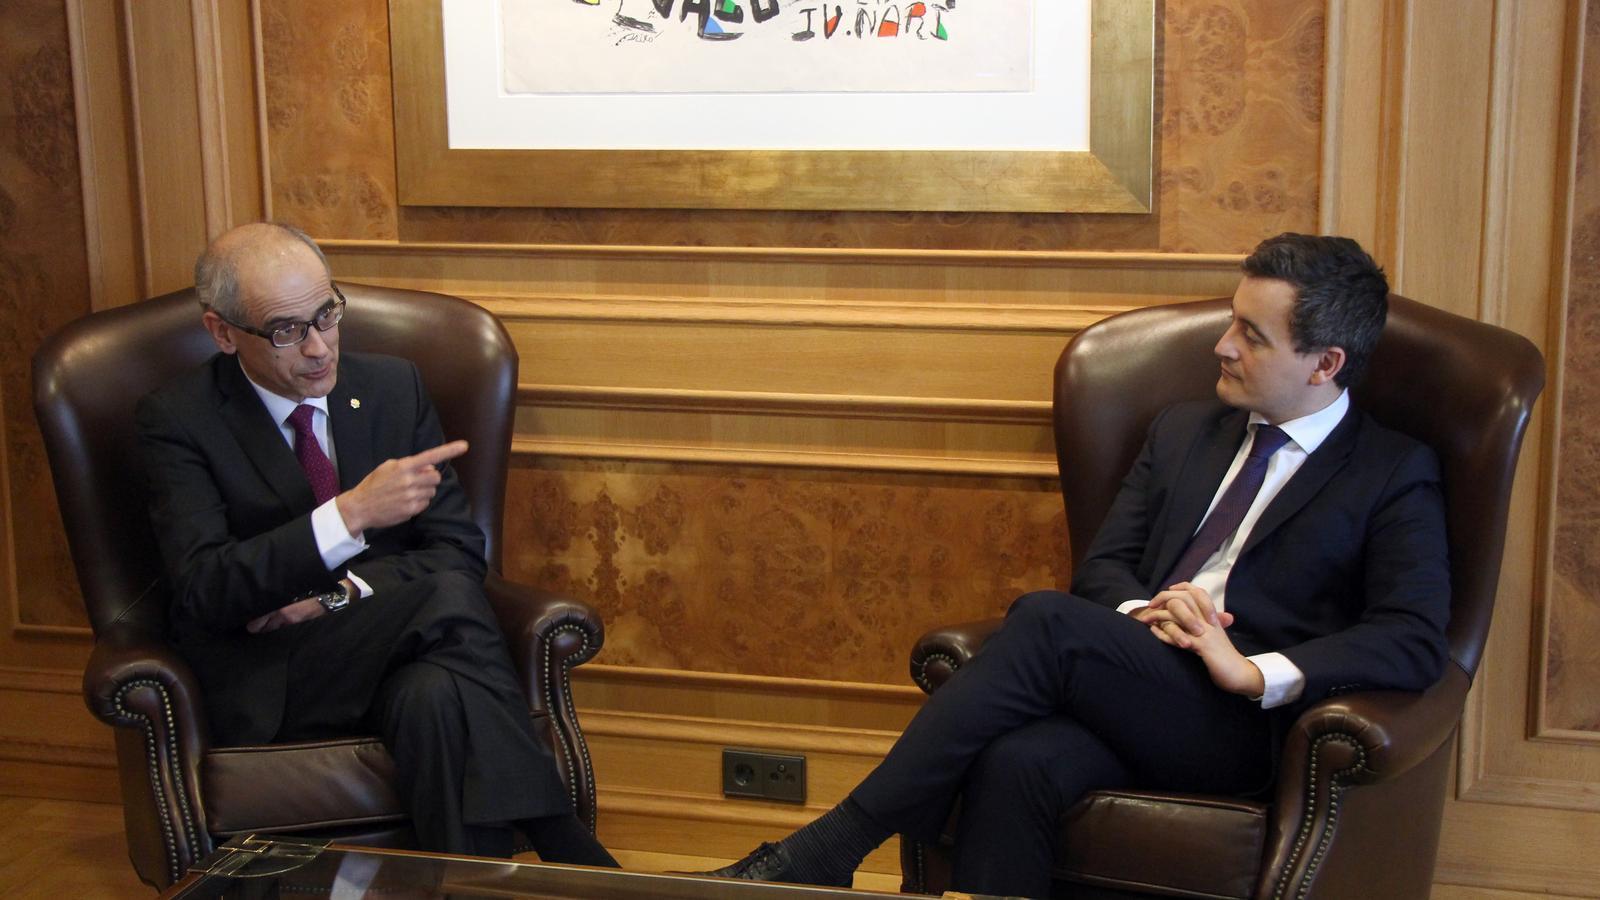 El ministre d'Acció i Comptes Públics francès, Gérald Darmanin, abans d'iniciar la reunió amb el cap de Govern, Toni Martí. / C. G. (ANA)